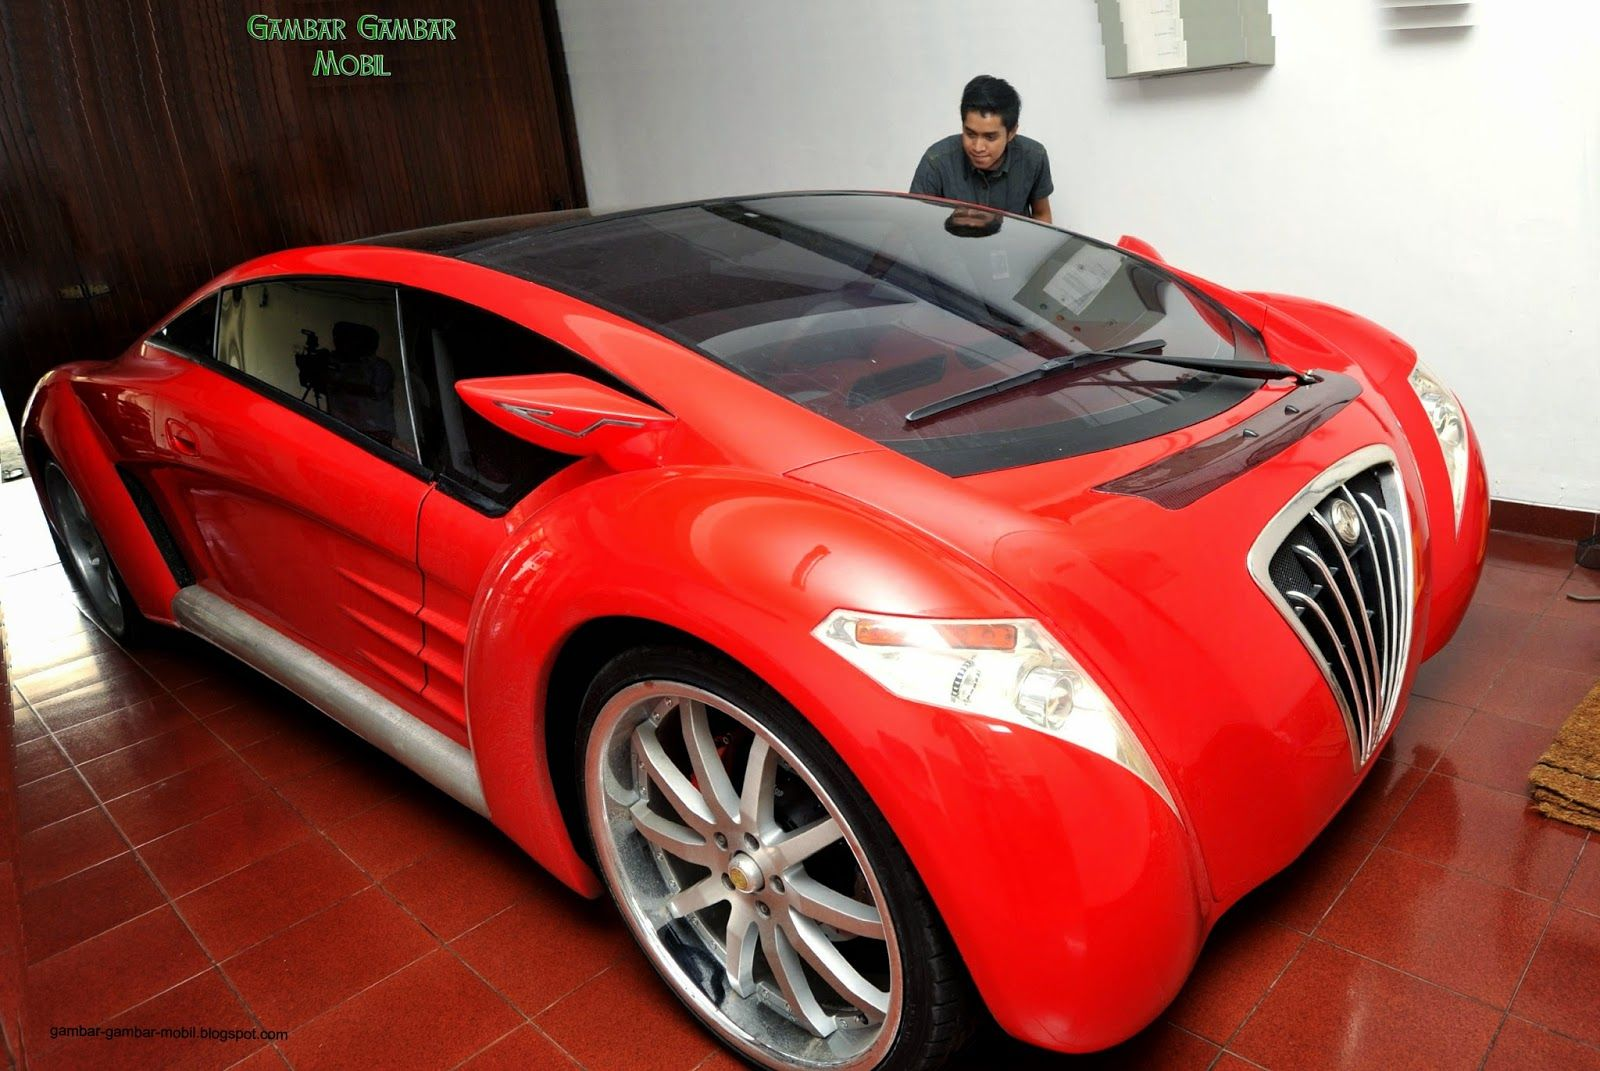 foto mobil keren di indonesia modifikasi mobil rh upmodifikasimobil blogspot com